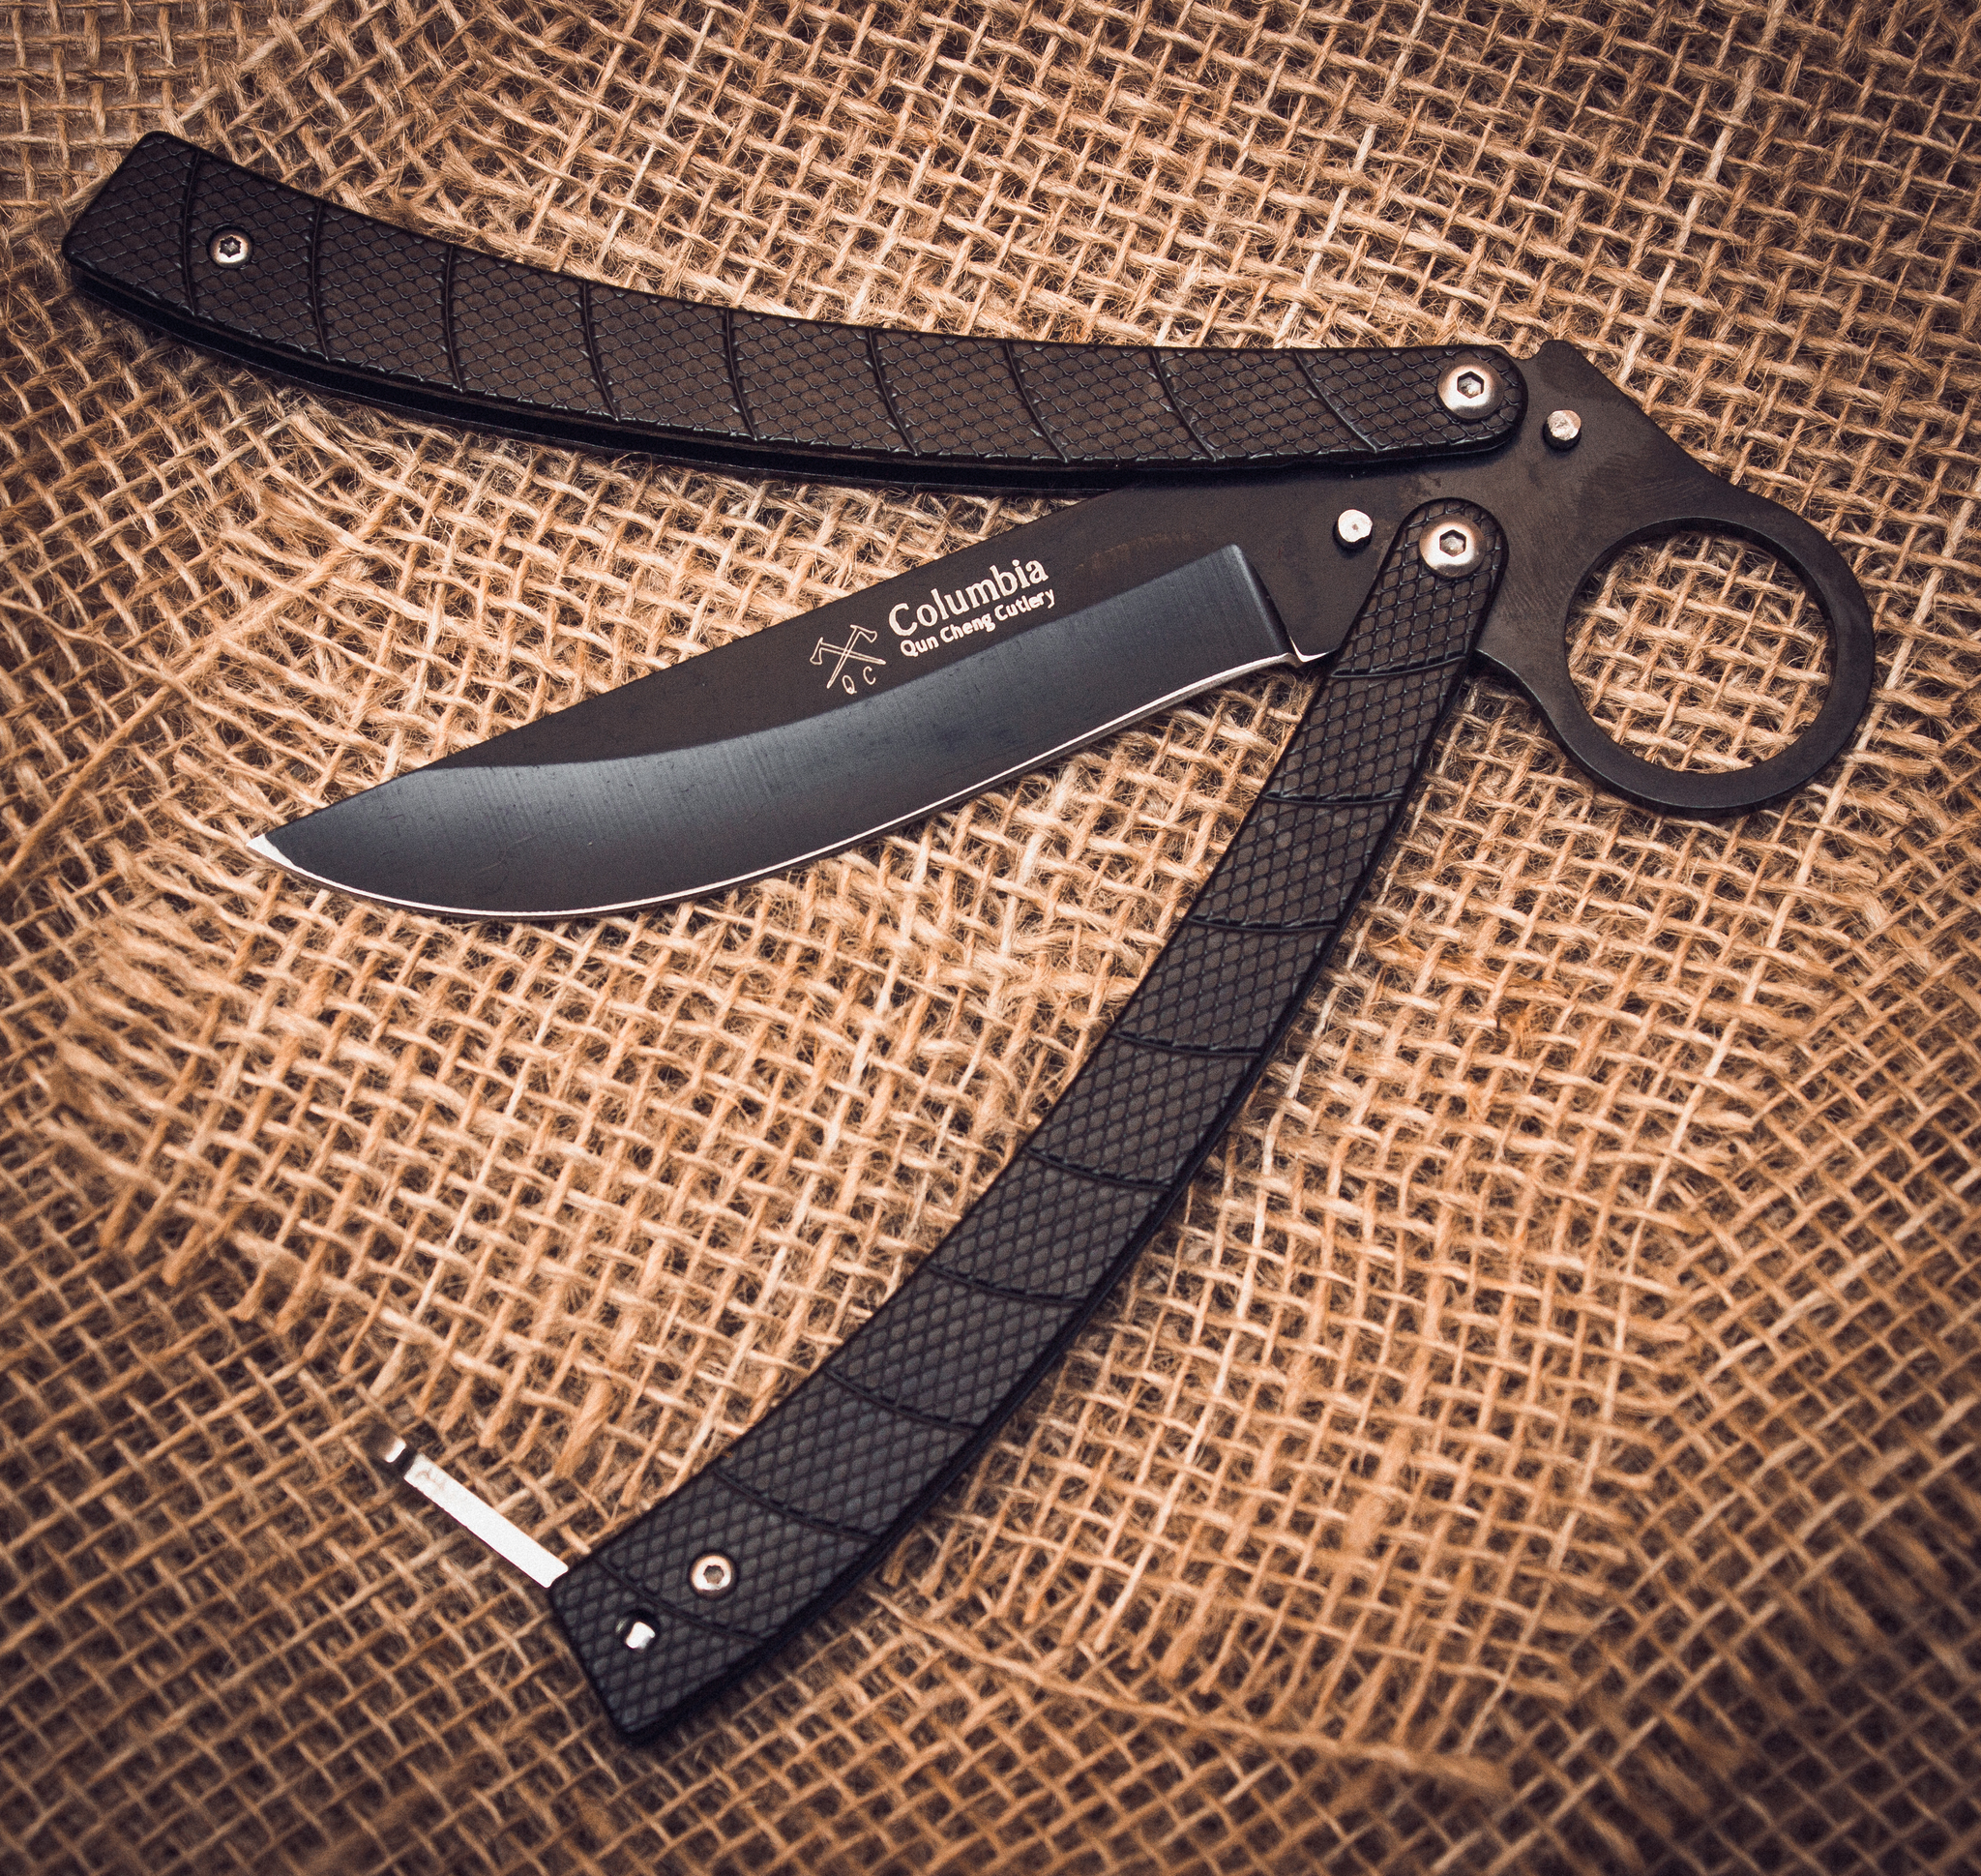 Нож-бабочка (балисонг) CS GOНожи-бабочки и балисонги<br>Универсальный городской нож-бабочка CS GO, о котором смело можно сказать, что он мастер на все руки. Балисонг КС ГО выполнен в стилистике ножей бабочек, которые в последнее время становятся все более популярными. К интересным особенностям этой модели можно отнести изогнутую металлическую рукоять и кольцо для пальца, расположенное на пятке клинка. На кольцо стоит обратить отдельное внимание. При использовании ножа, указательный палец размещается в кольце. Такой нож невозможно выбить из руки. Геометрия клинка позволяет использовать нож флиппинга в качестве туристического ножа.<br>